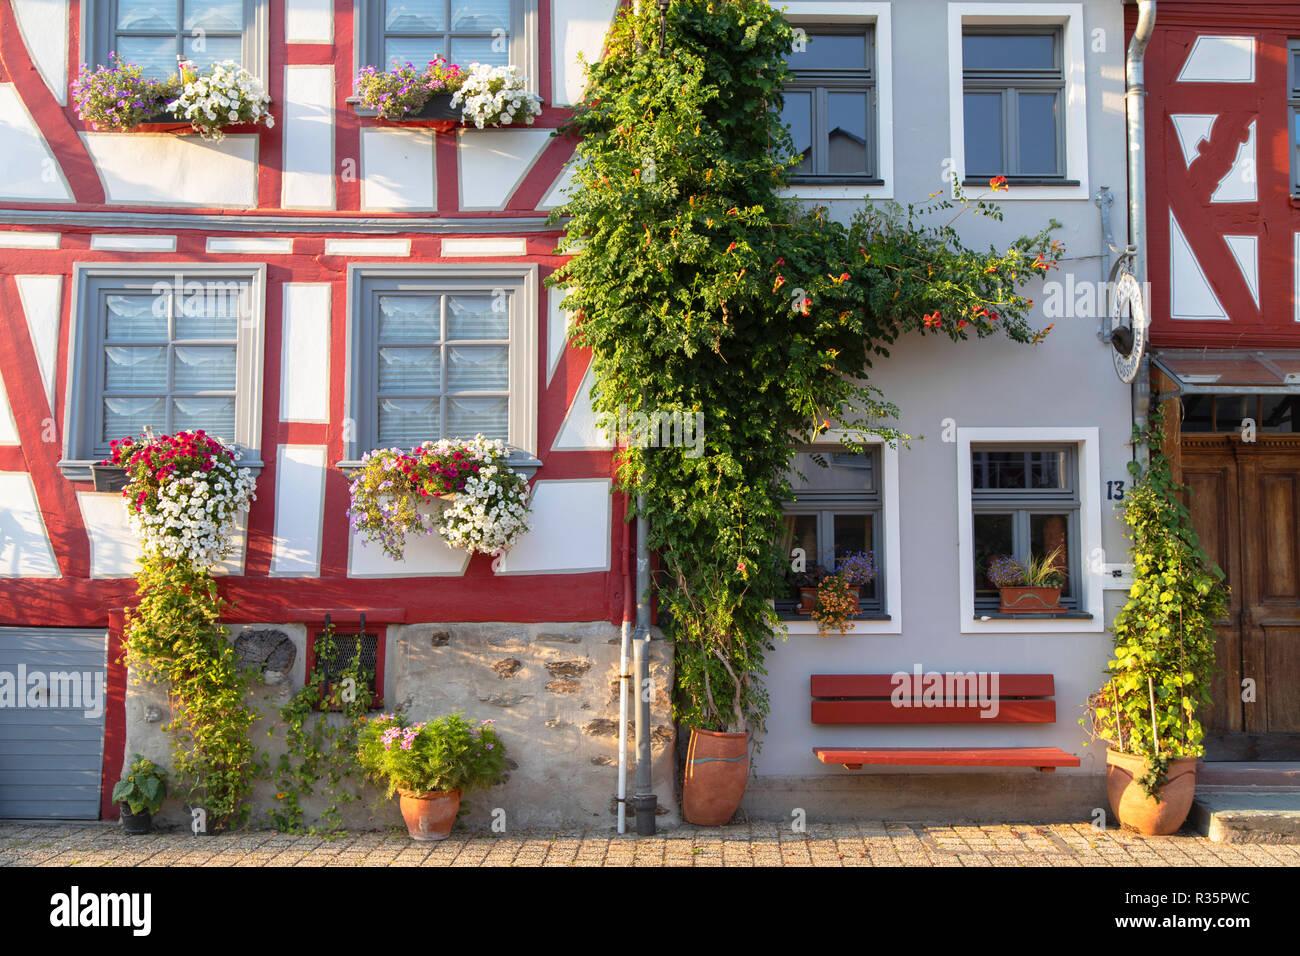 Half-timbered houses, Limburg, Hesse, Germany - Stock Image